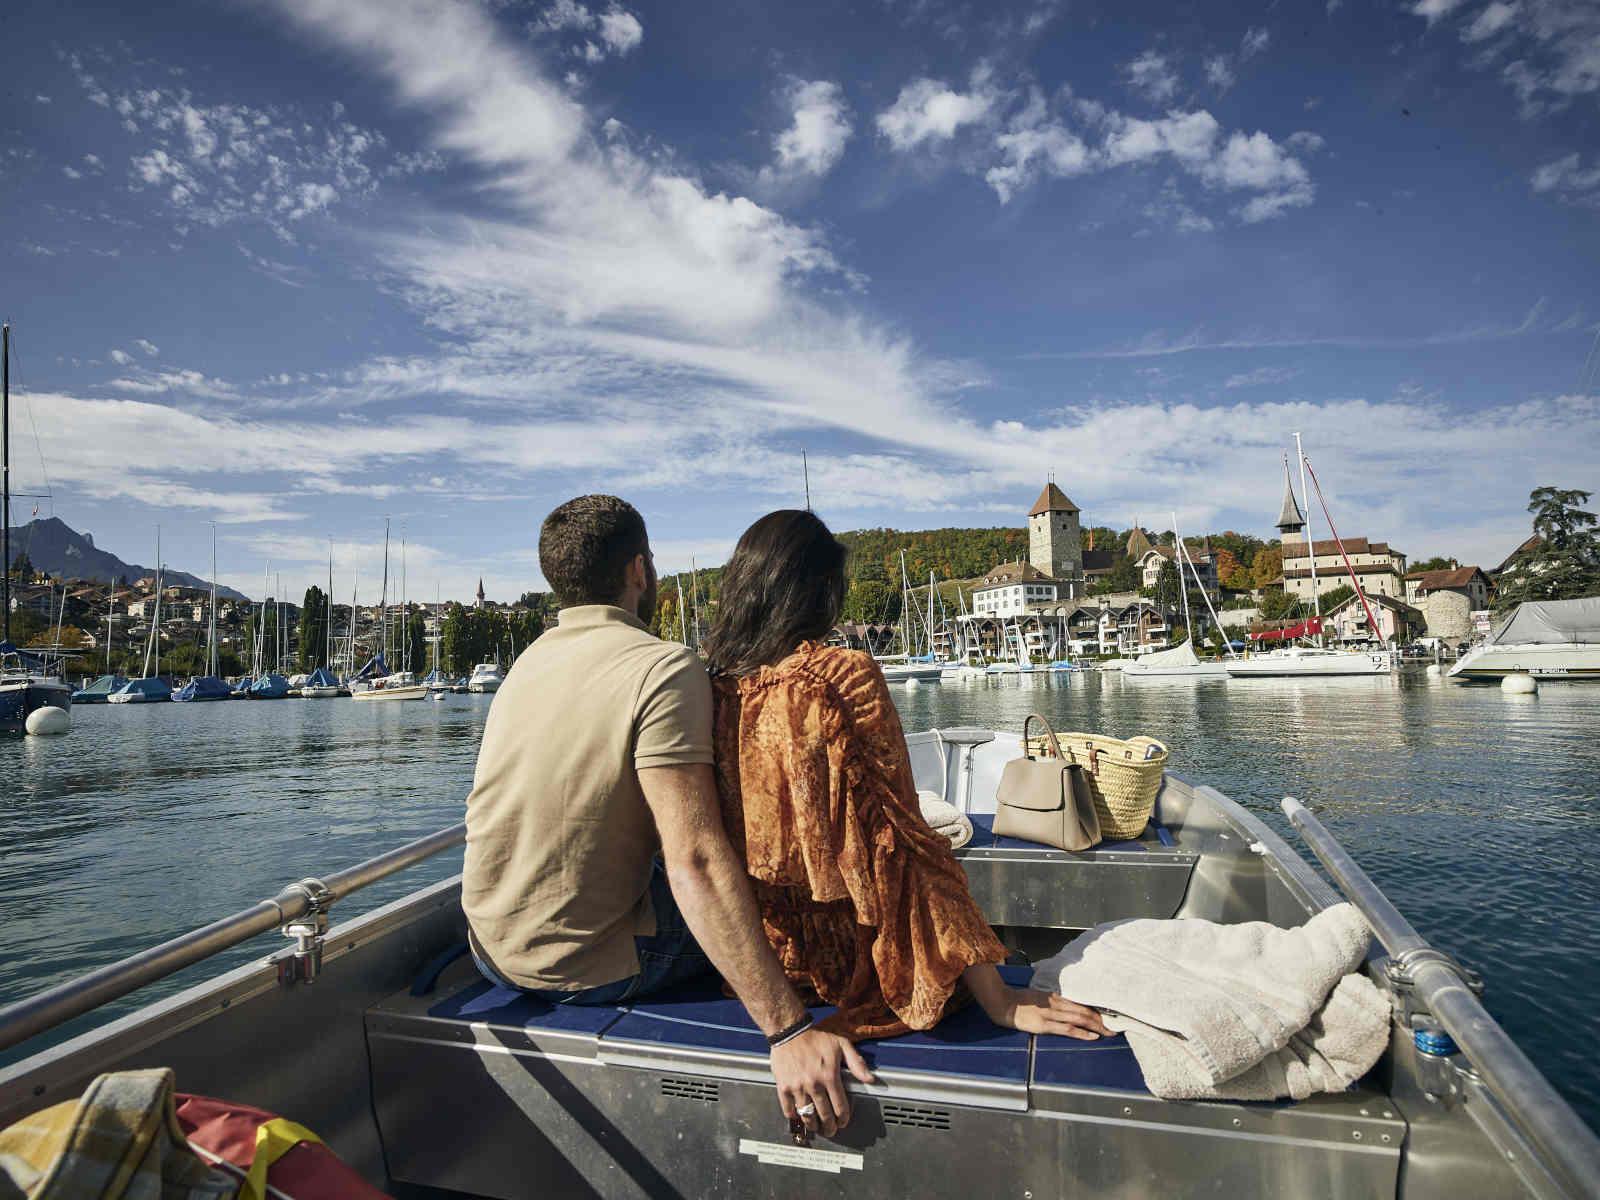 Mann und Frau auf Boot